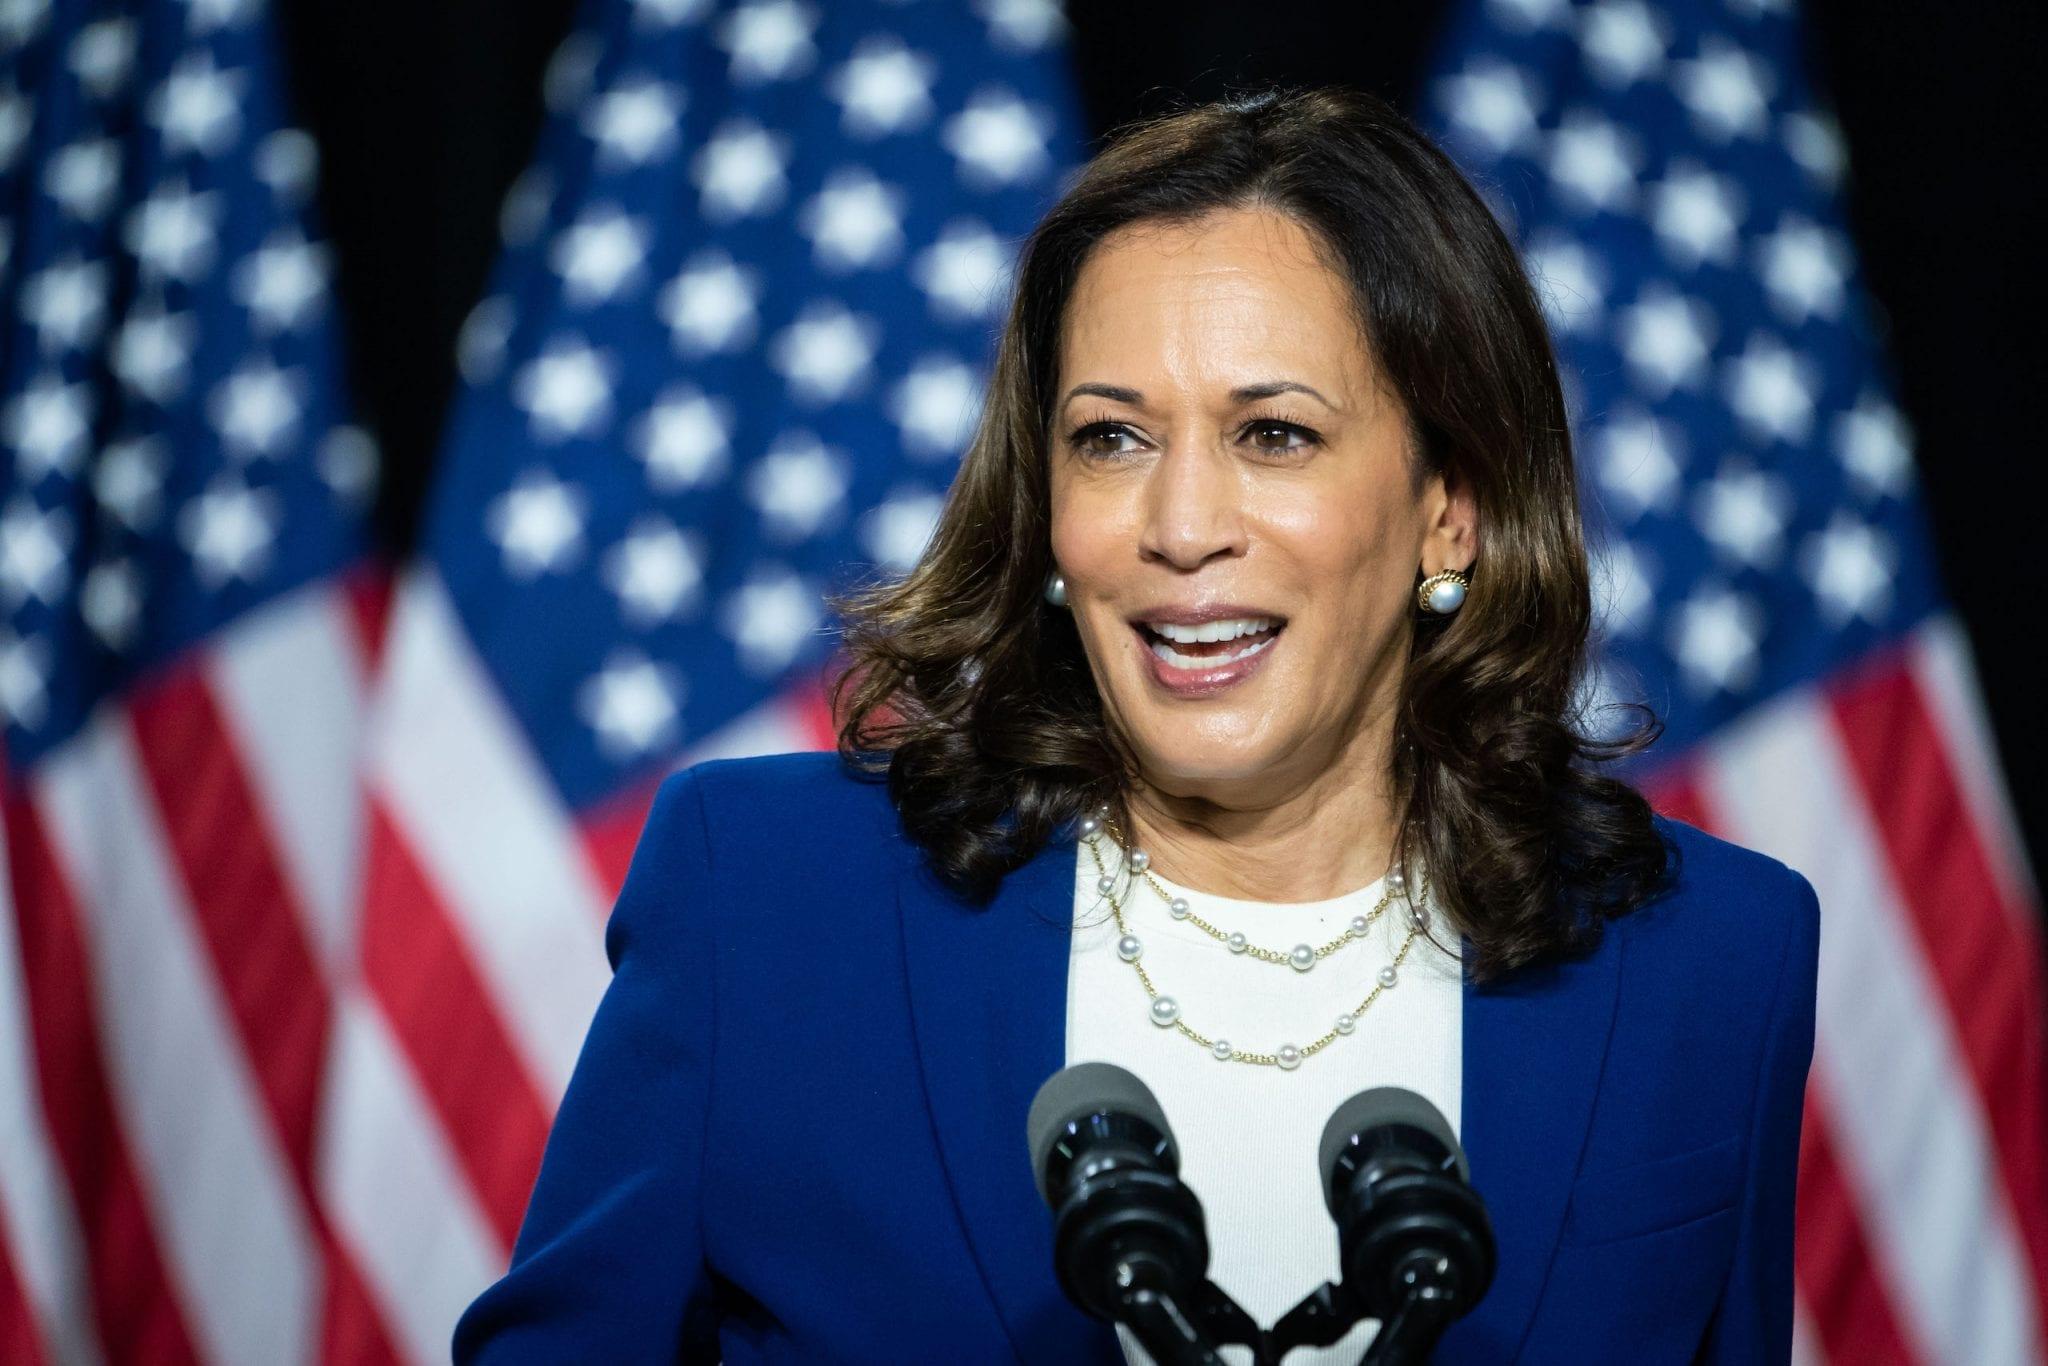 Photo by Adam Schultz / Biden for President